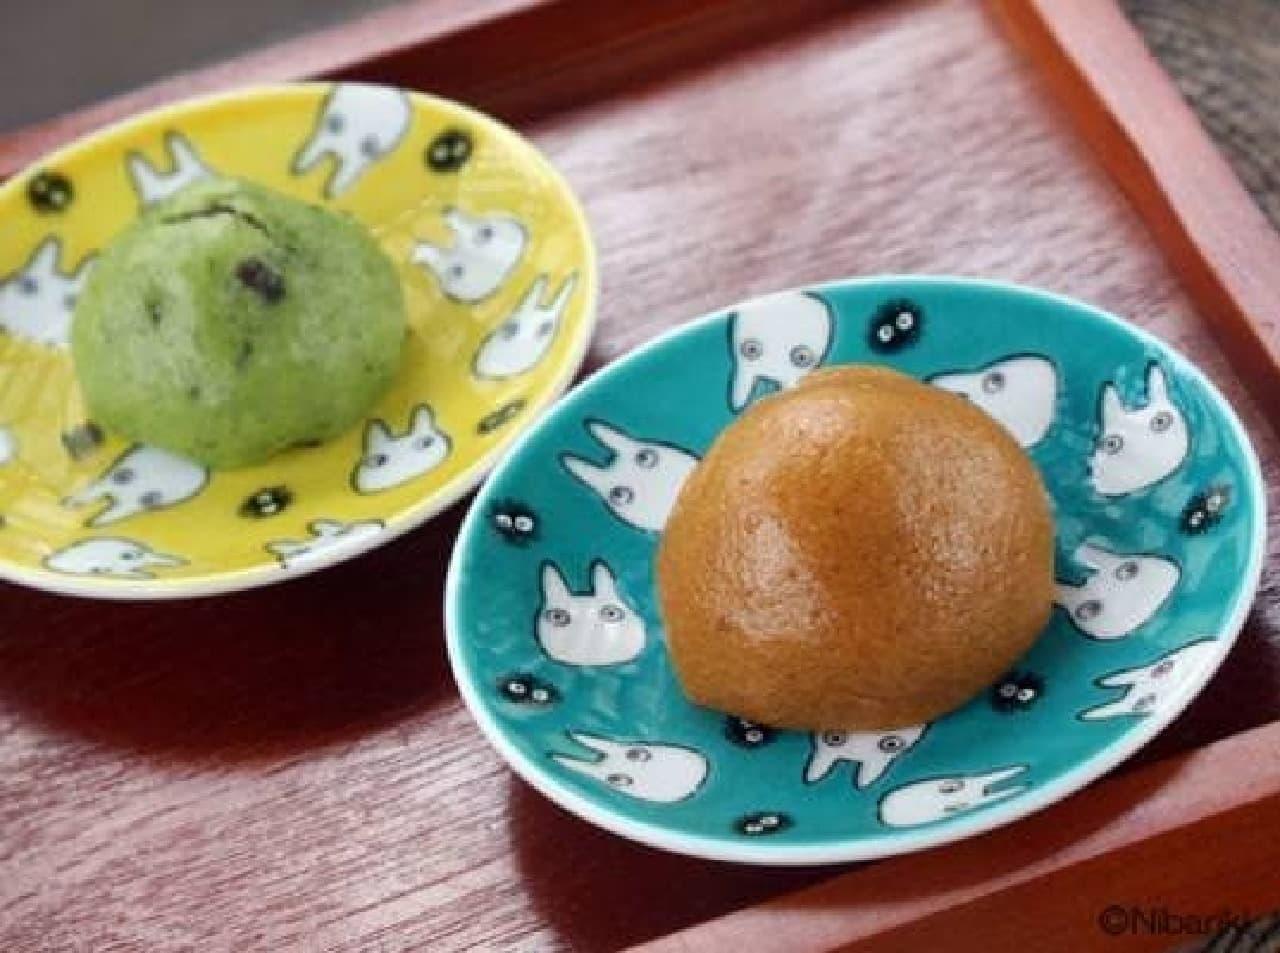 熱い緑茶が飲みたい  (C)Nibariki